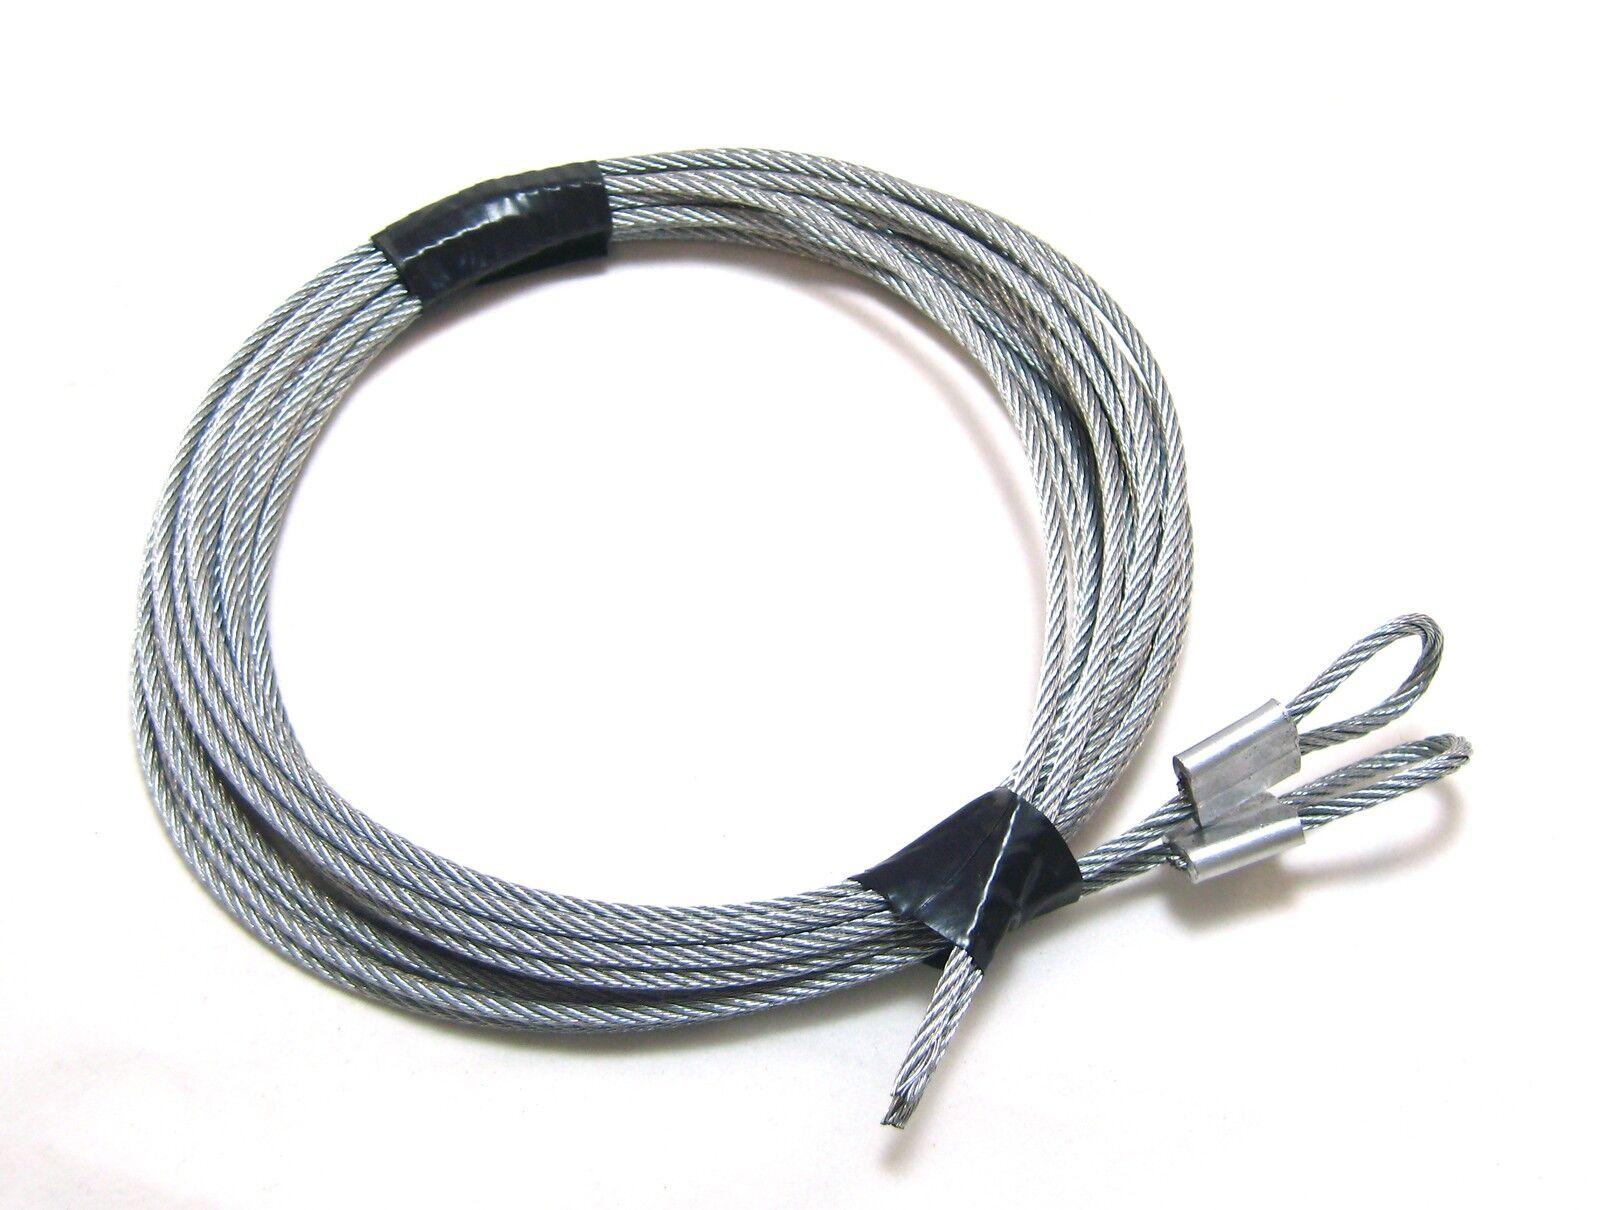 Wayne Dalton Torquemaster Cable